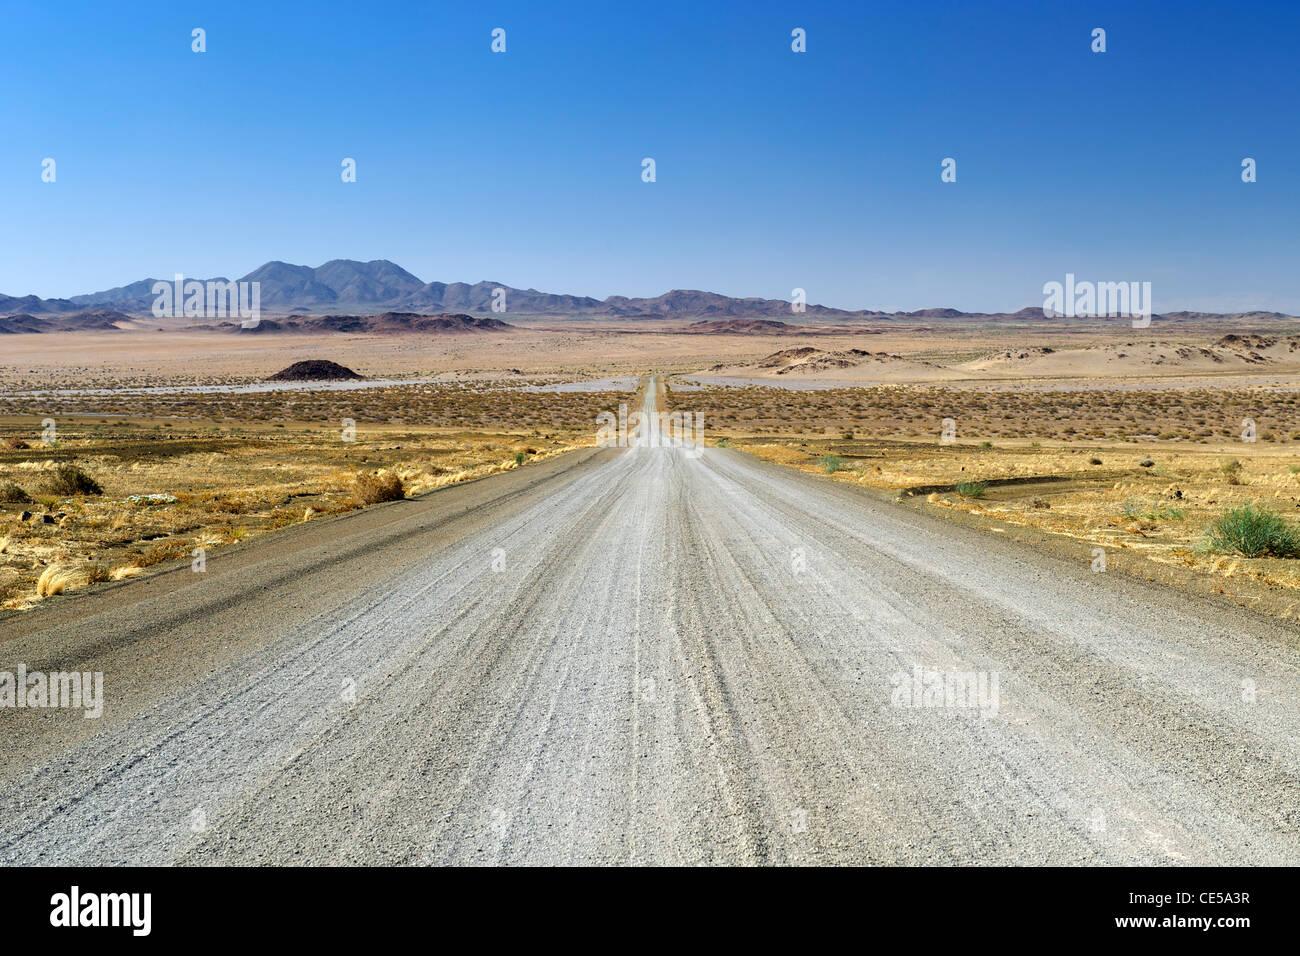 Kiesweg in der Karas-Region des südlichen Namibia. Stockfoto